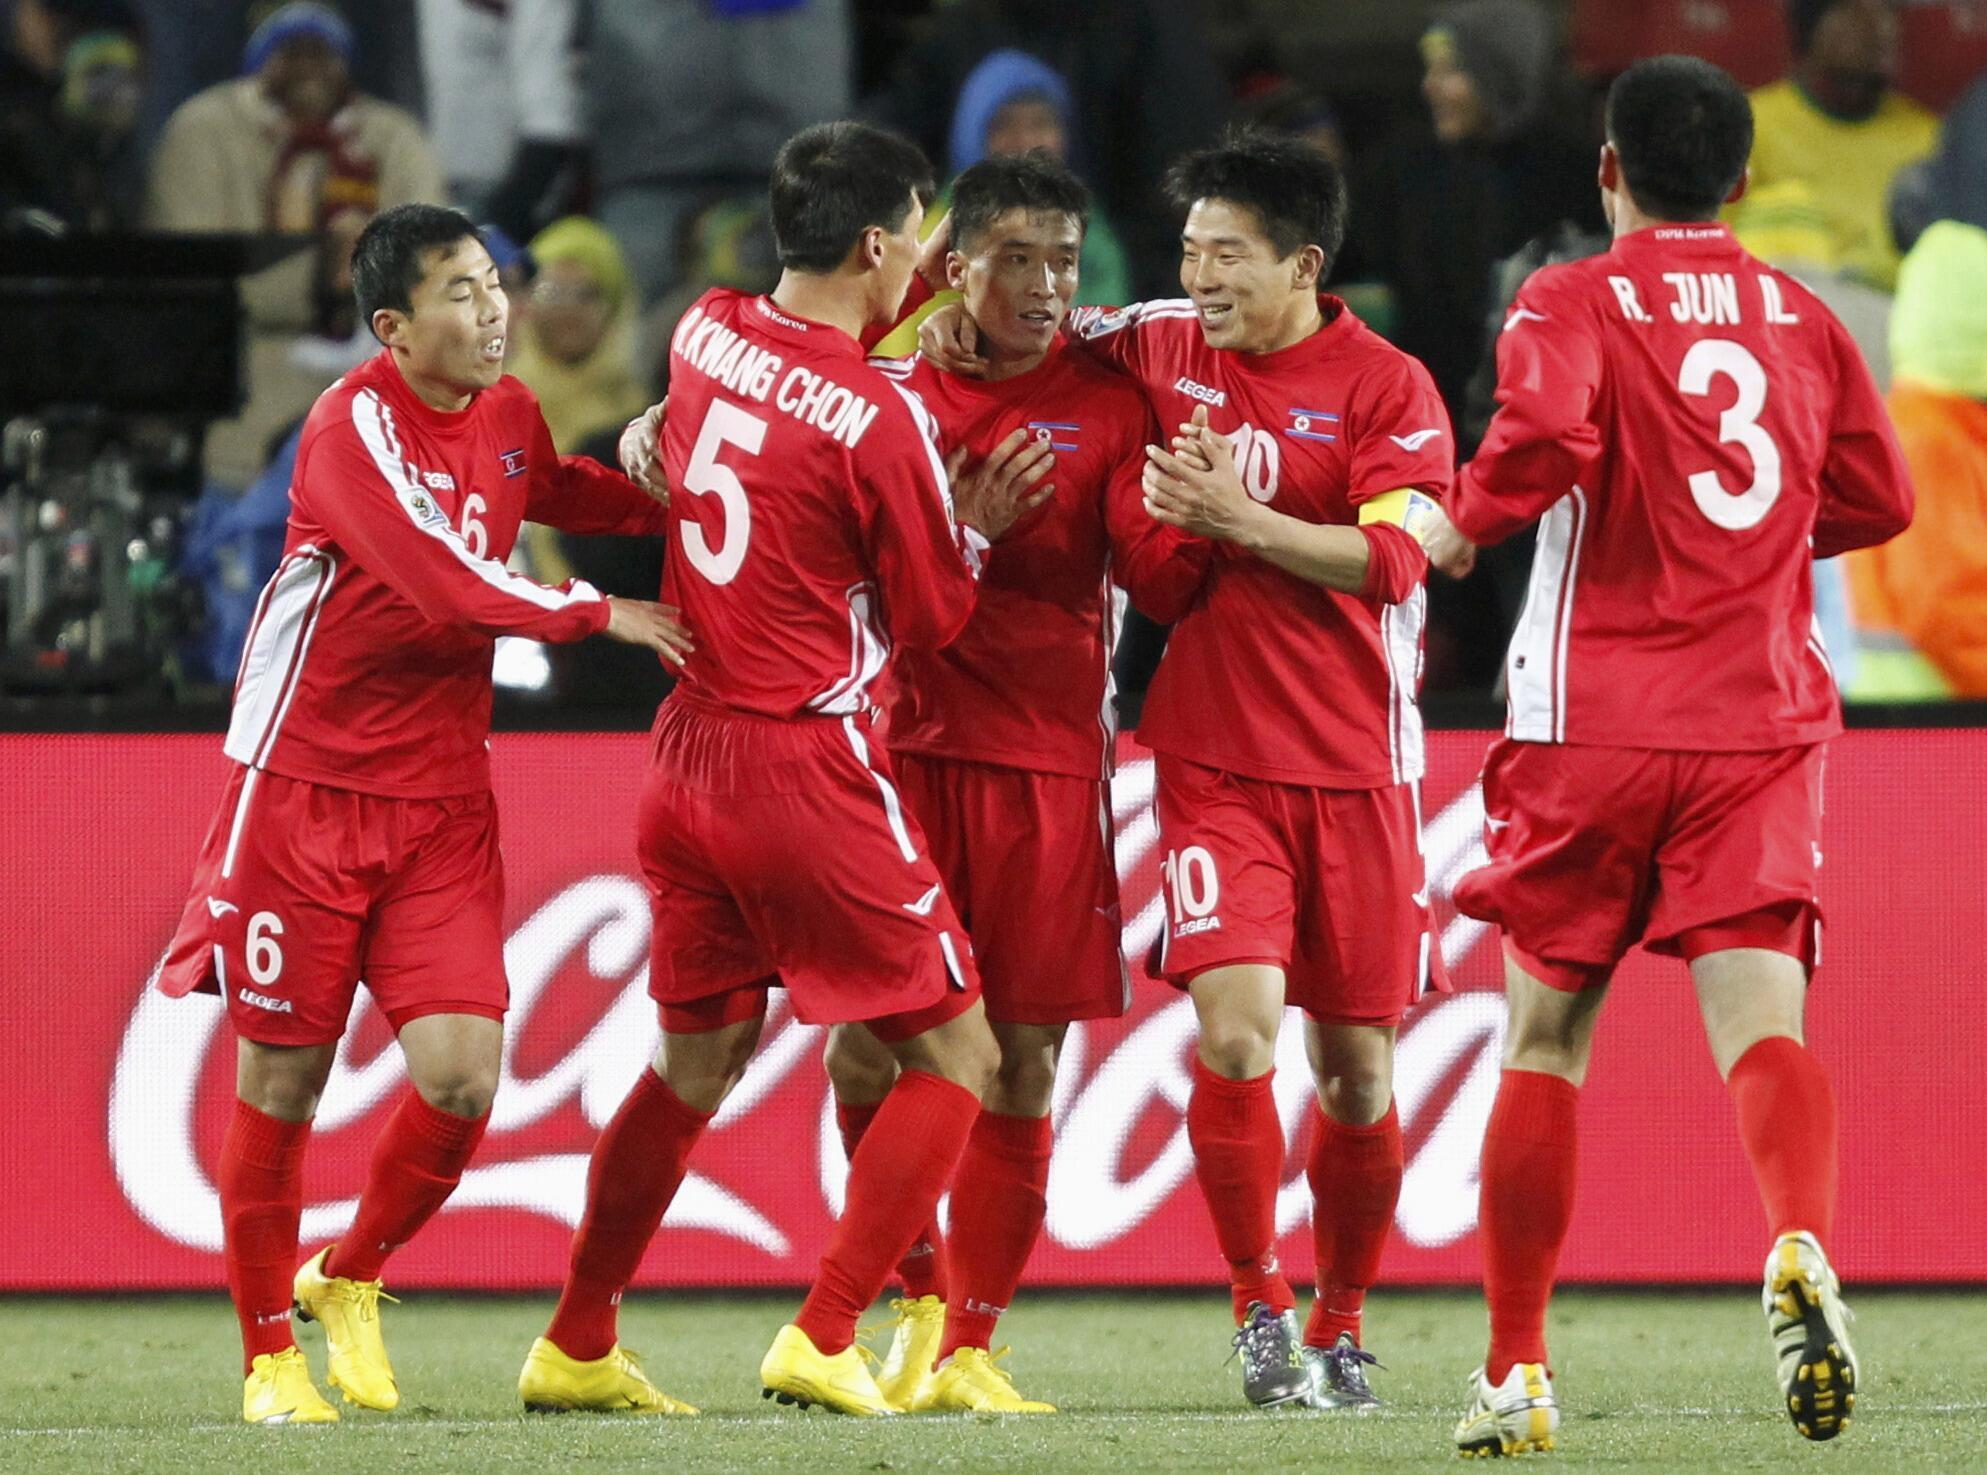 Cầu thủ Bắc Triều Tiên Ji Yun Nam (giữa) cùng đồng đội vui mừng sau bàn thắng trước đội Brazil tại sân vận động Ellis Park, Johannesbourg ngày 15/06/2010.